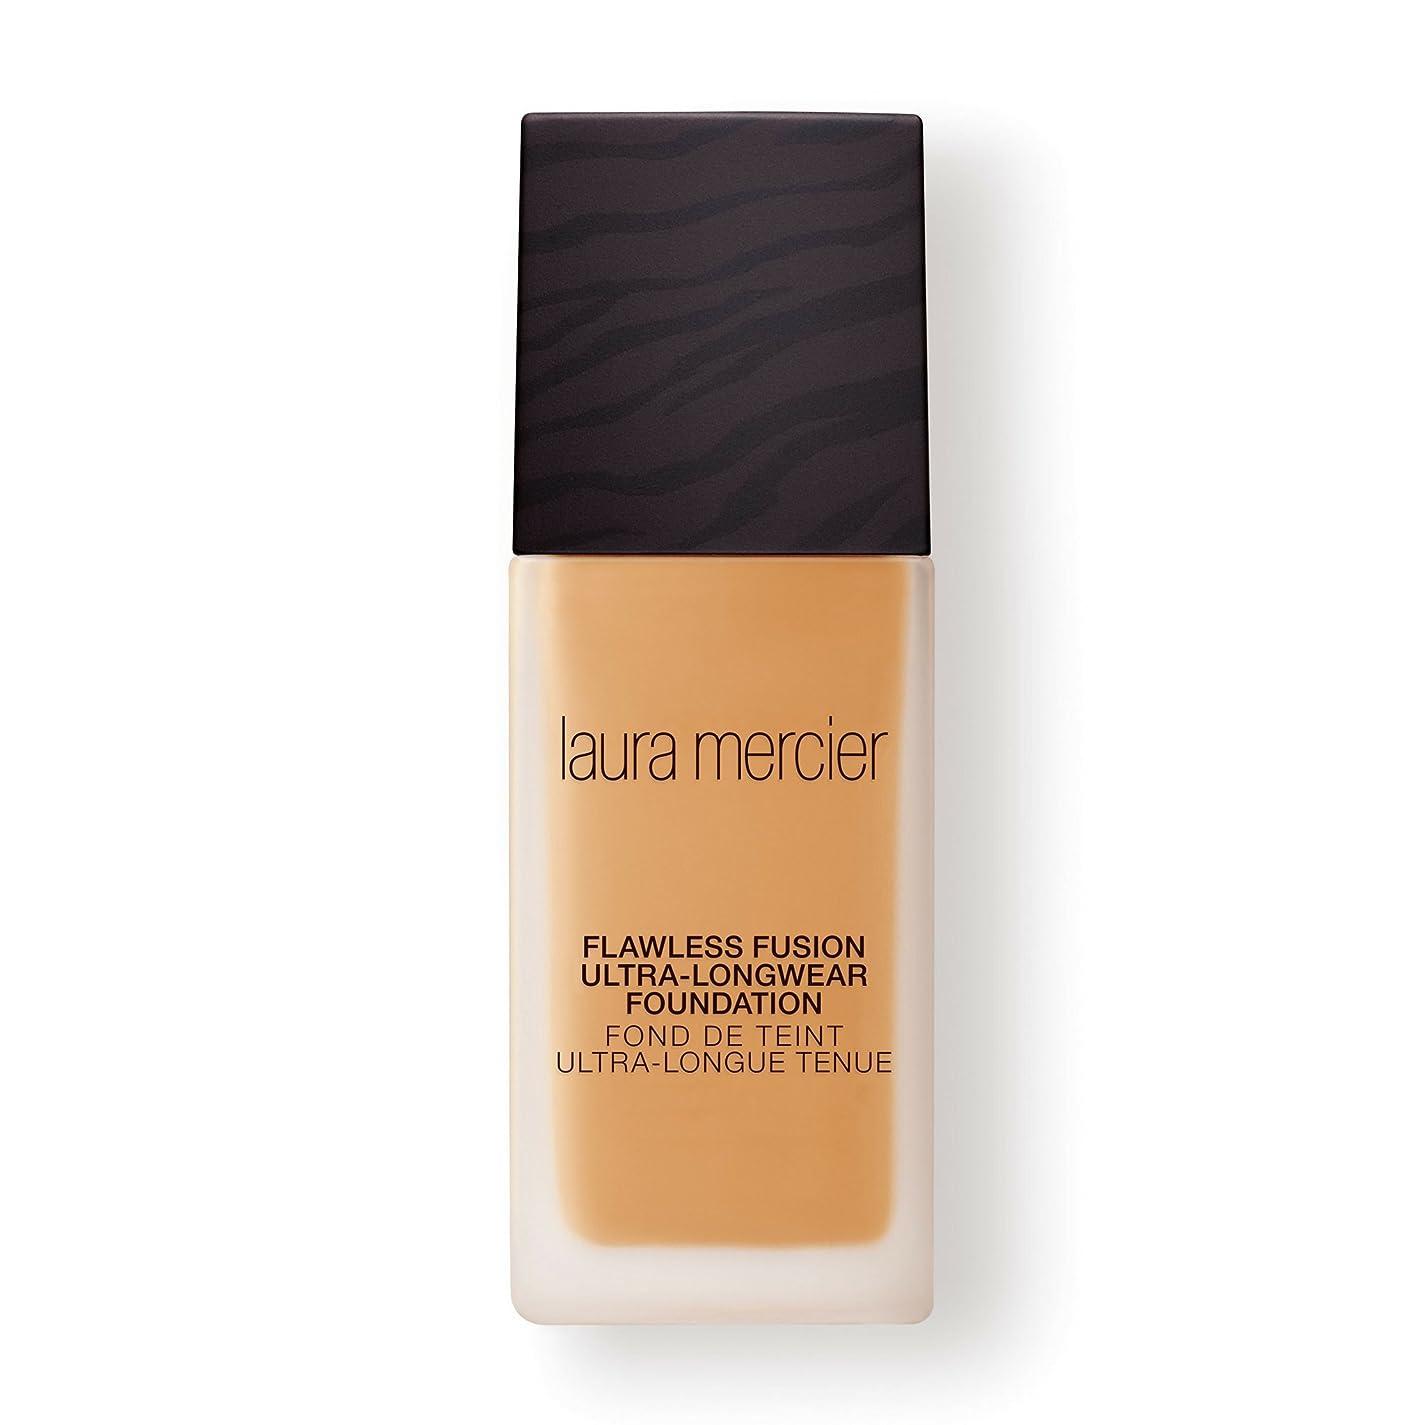 反映する魅惑する好色なLaura Mercier Flawless Fusion Ultra-Longwear Foundation - Butterscotch 1oz (29ml)